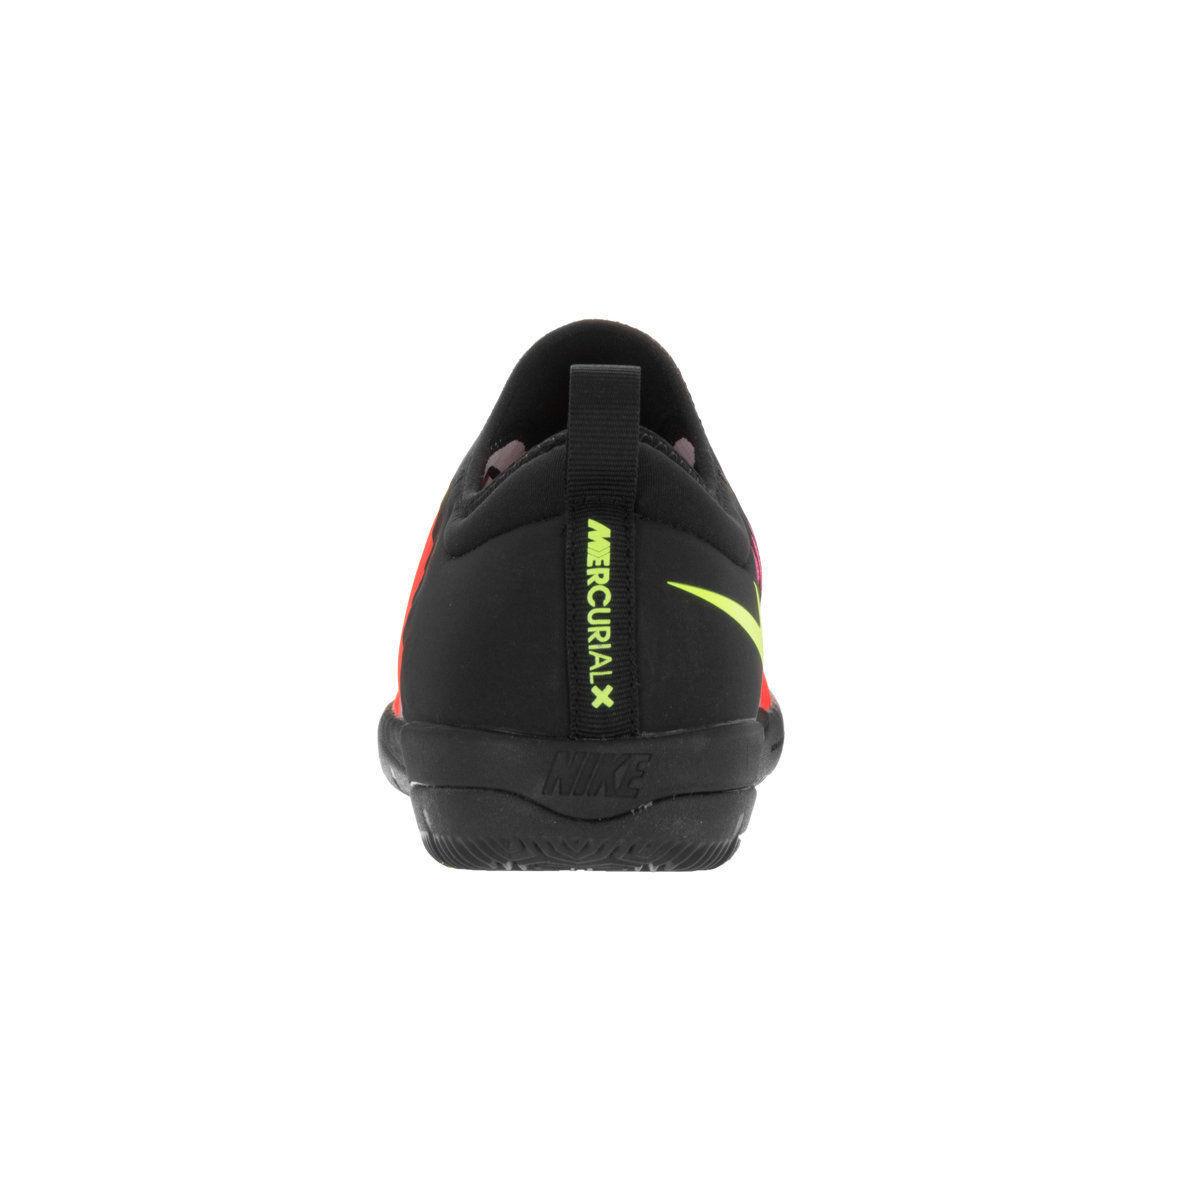 nike mercurialx final nouvelles ii lc baskets taille 12 nouvelles final chaussures Noir  831974-870 hommes 504856